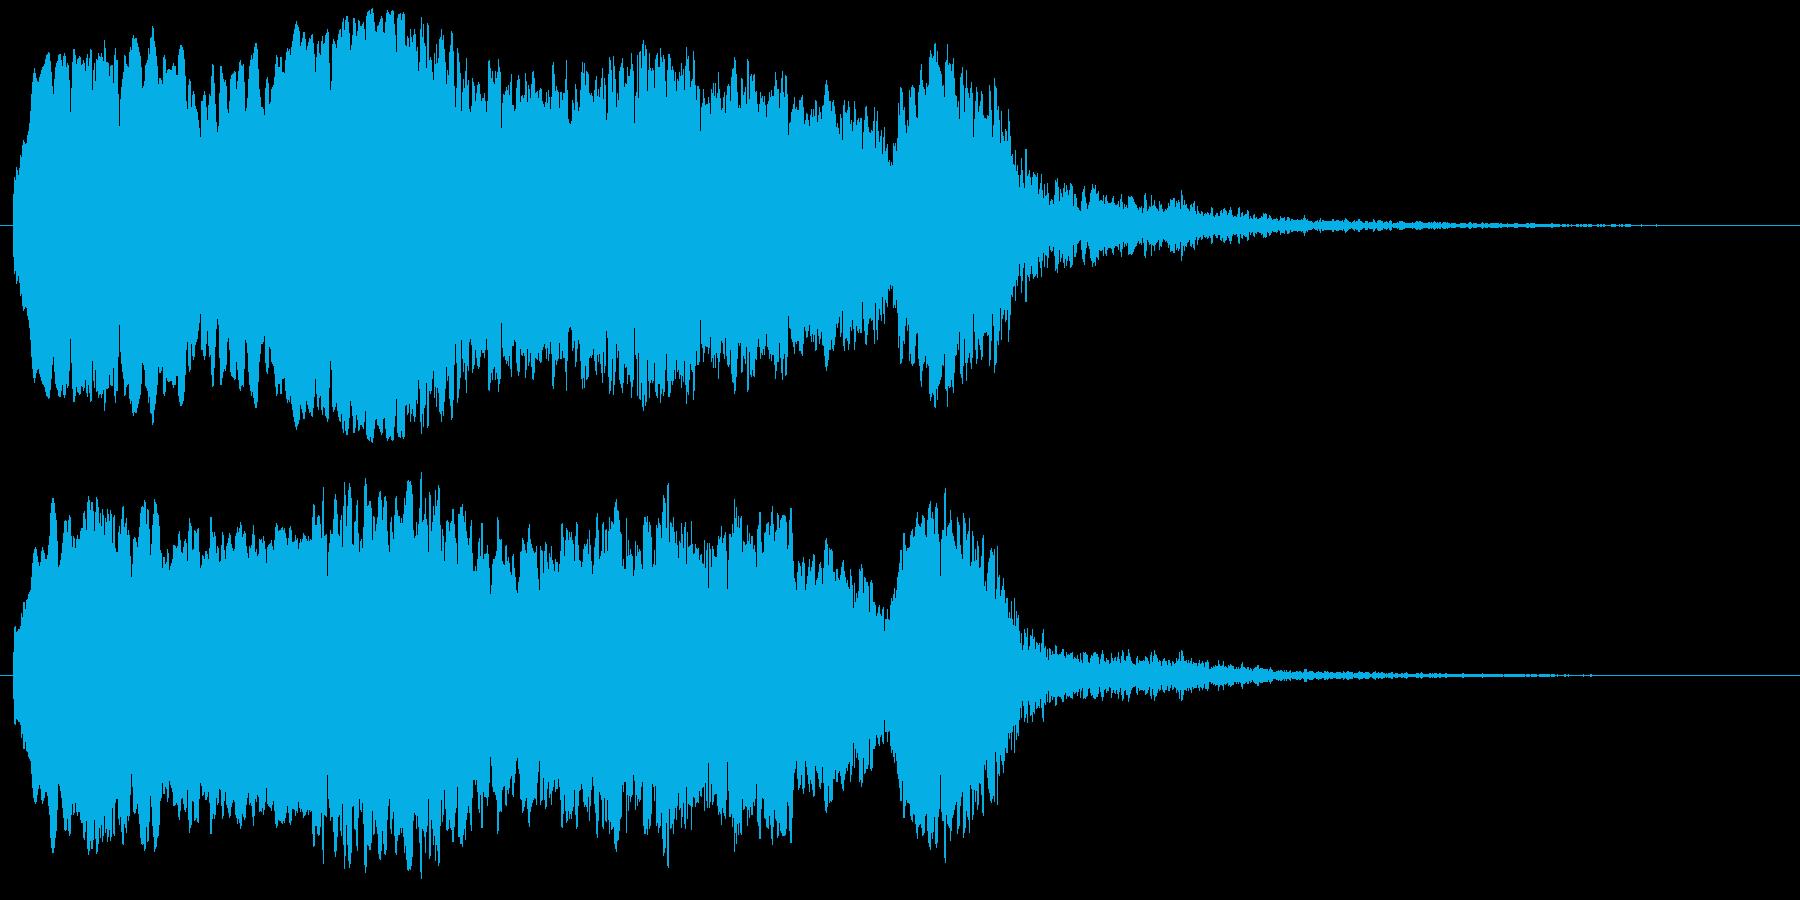 死界の叫び声・恐怖サウンド・危険な音源の再生済みの波形